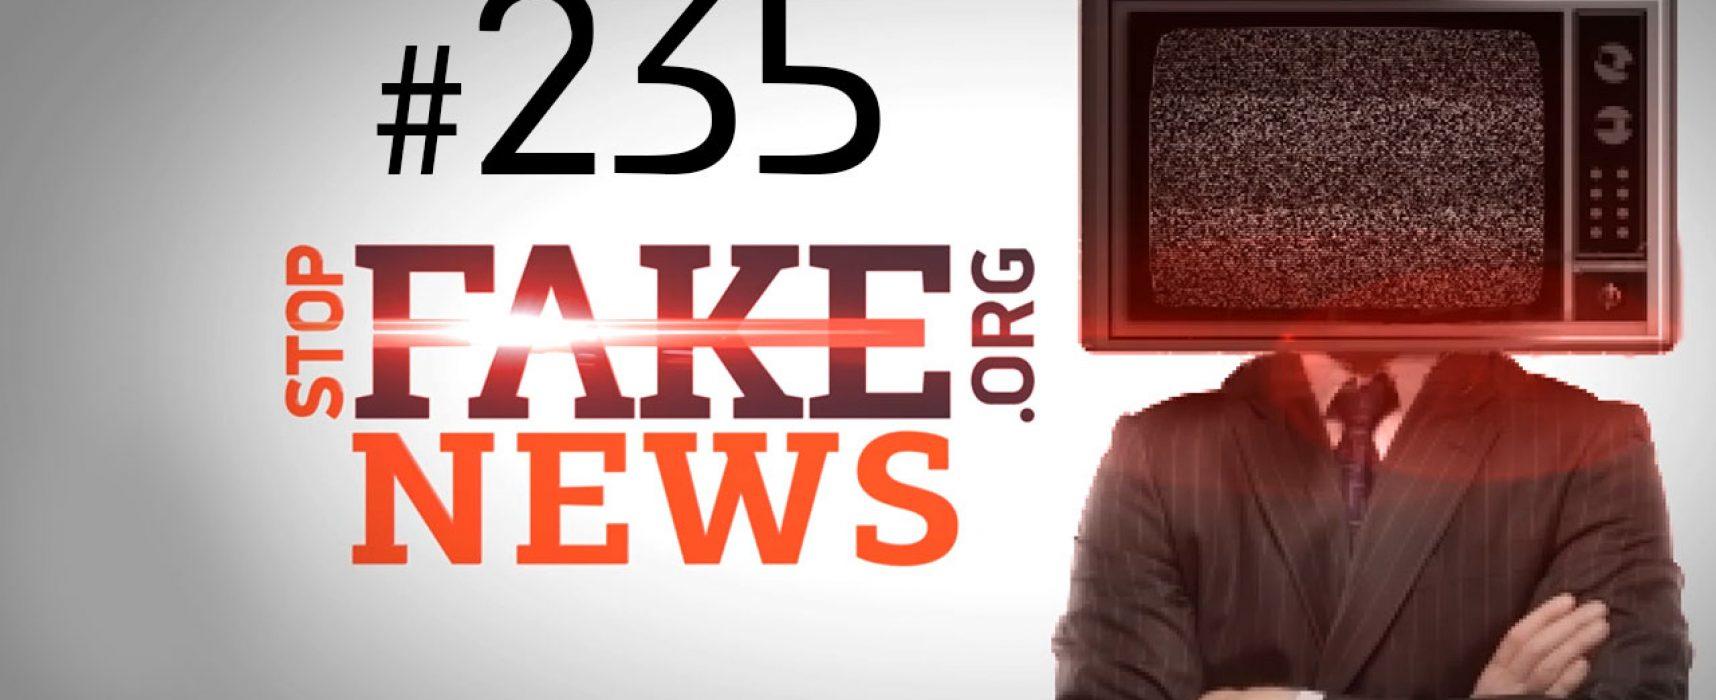 Hajlujące dzieci pod Kijowem – nowy fake o ukraińskim obowie patriotycznym – SFN #235